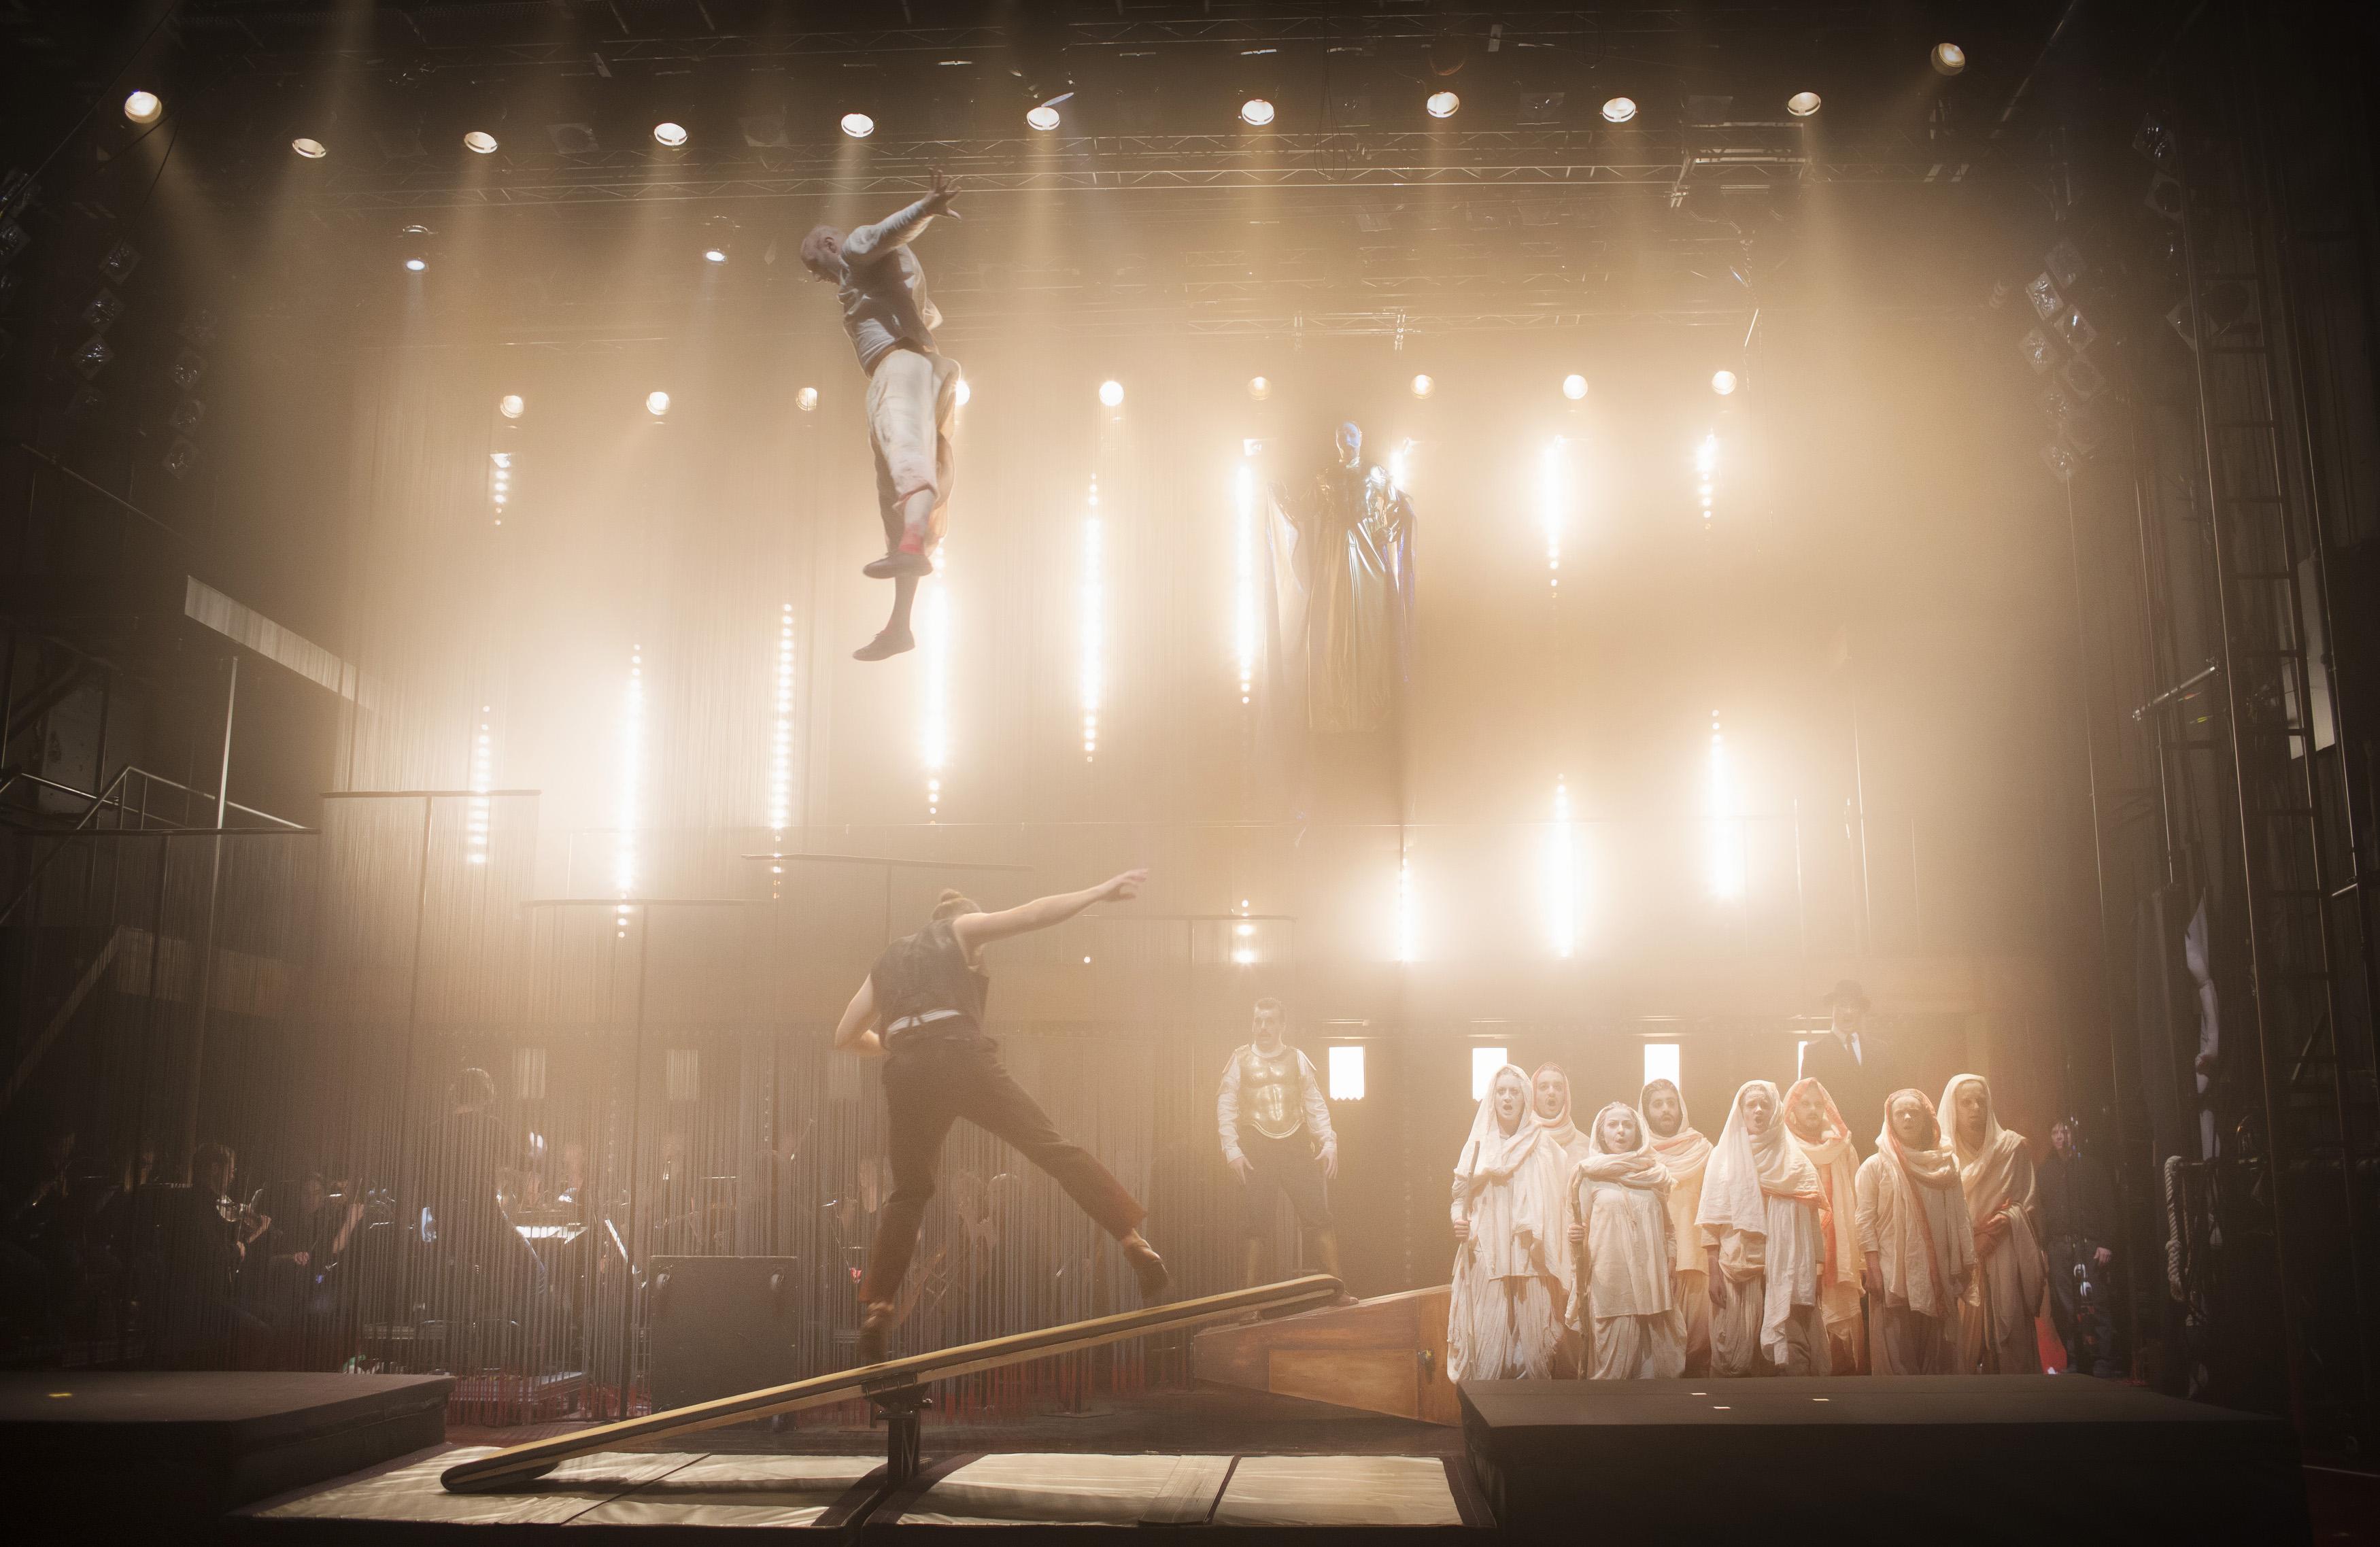 Cirkusartist hoppar upp mot taket på en trampolin. Strålkastarljus i bakgrunden.